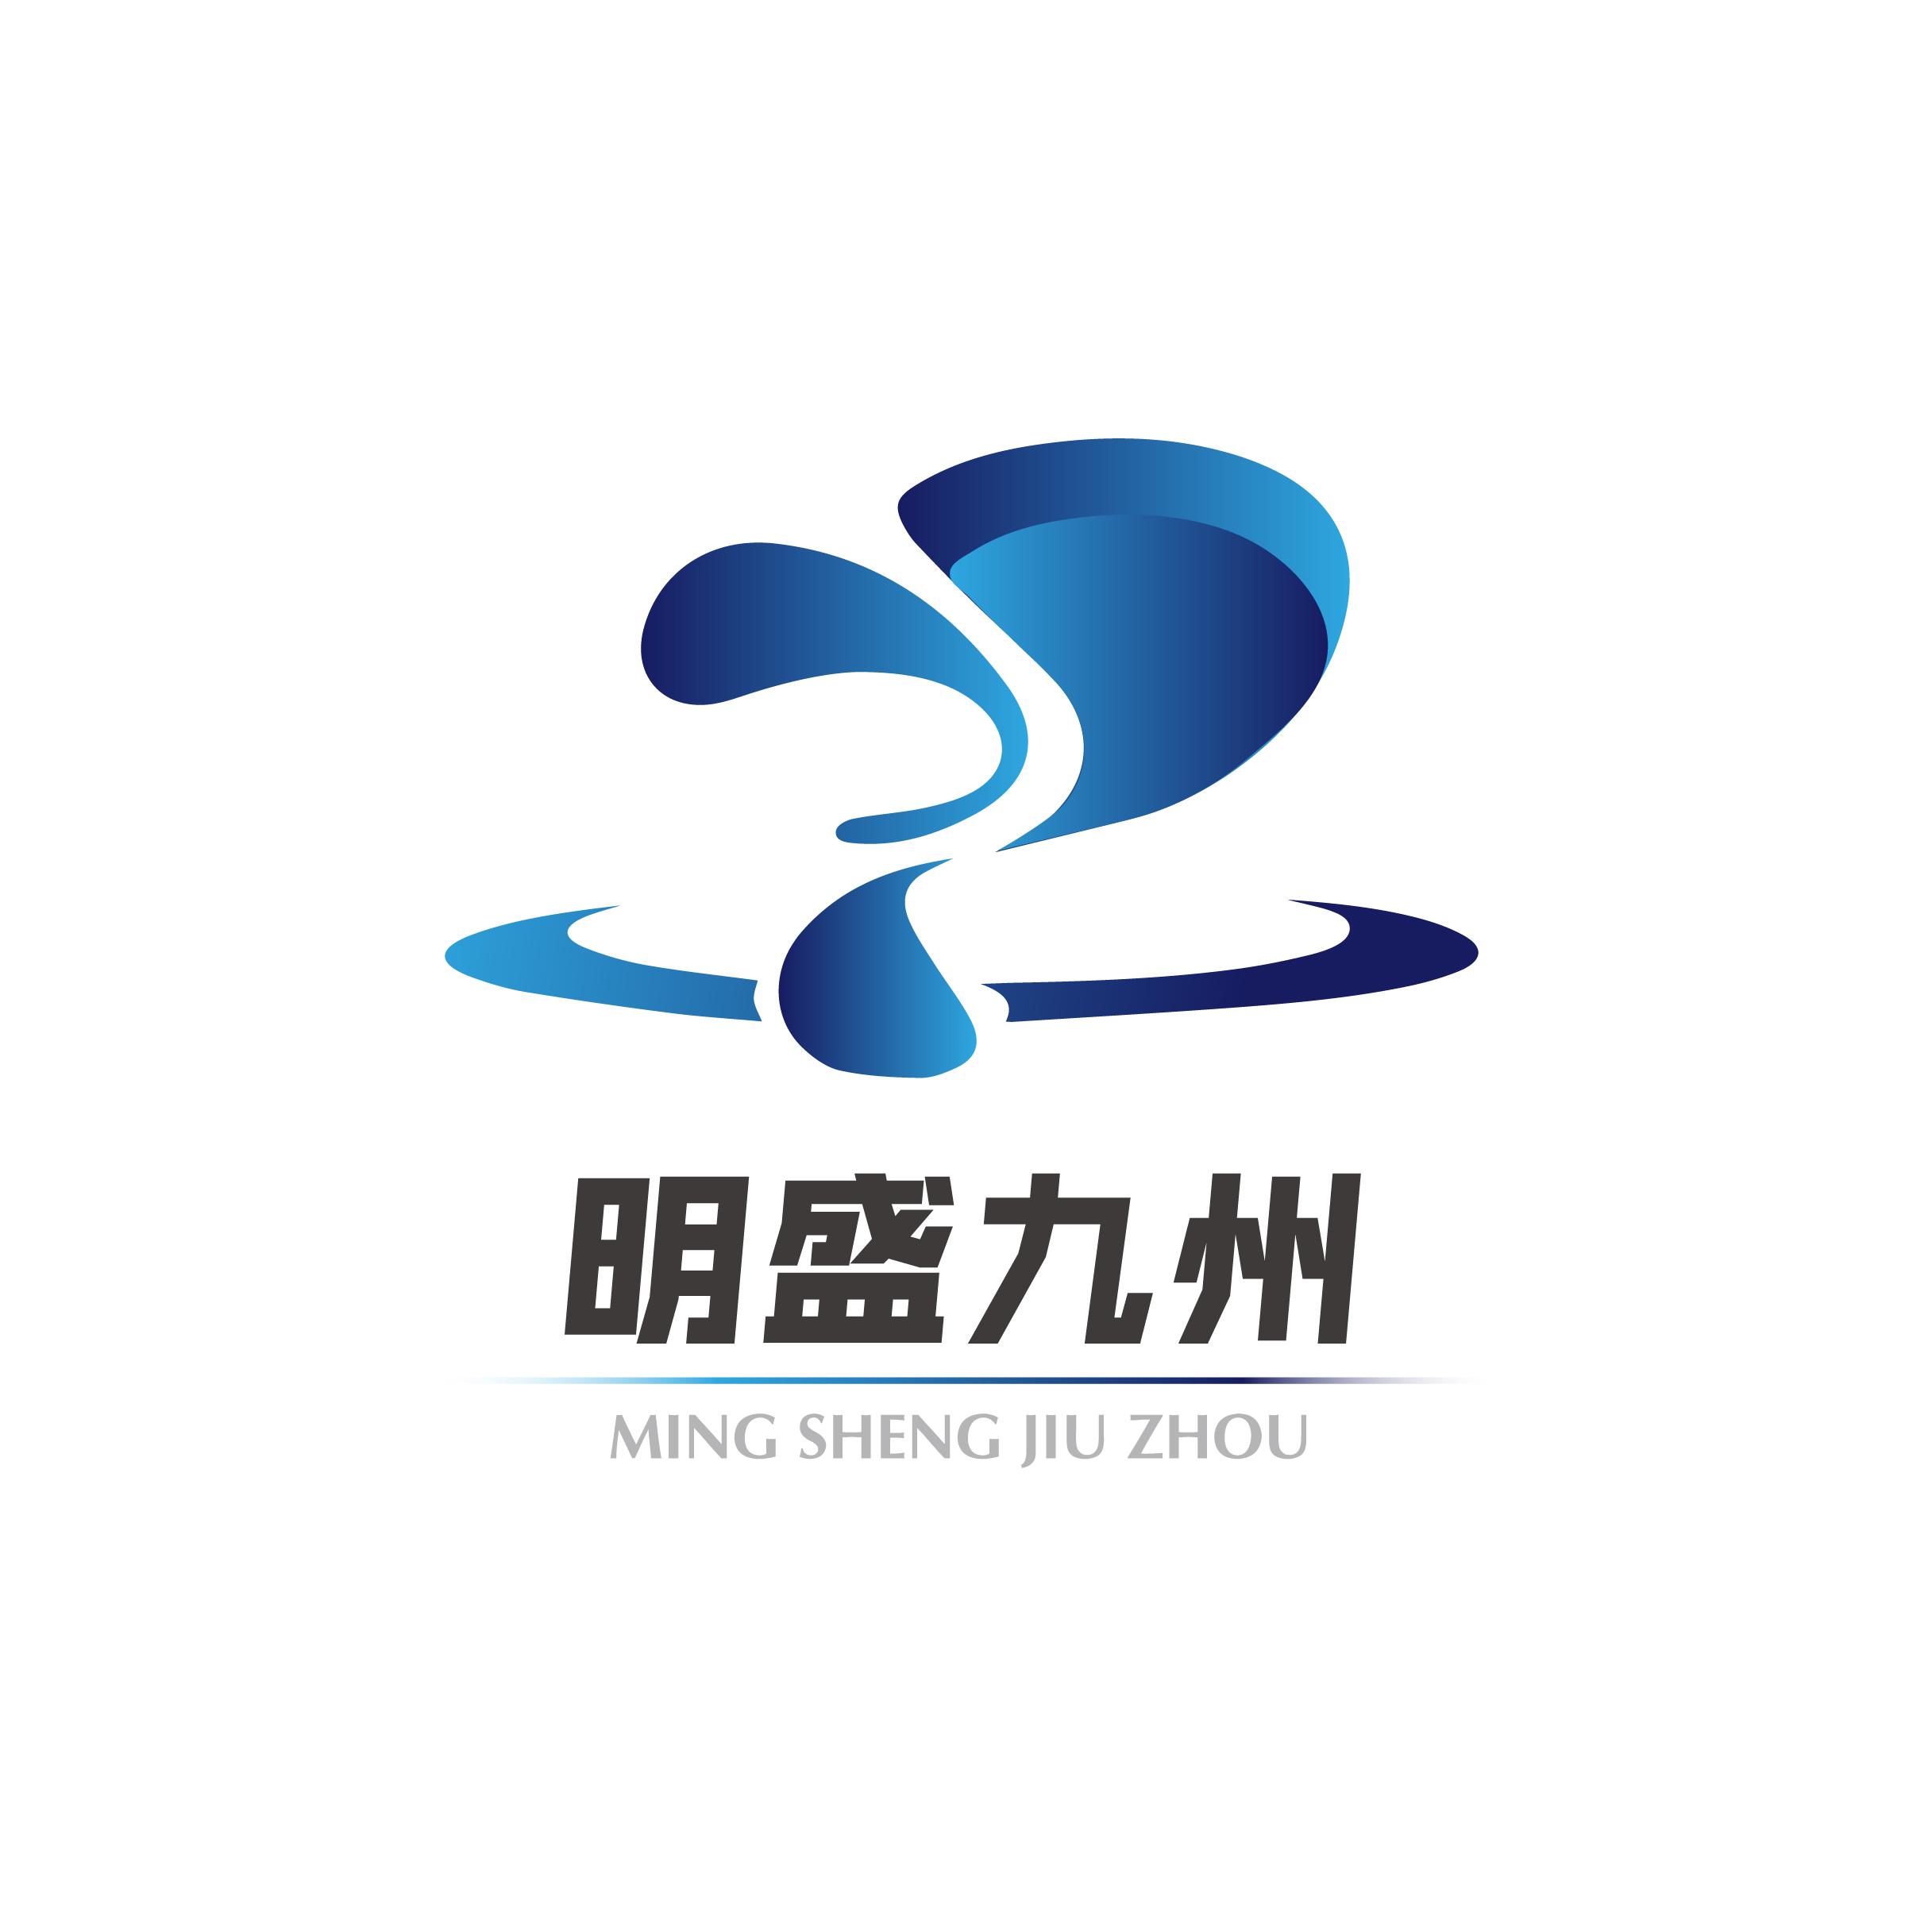 深圳明盛九州實業有限公司